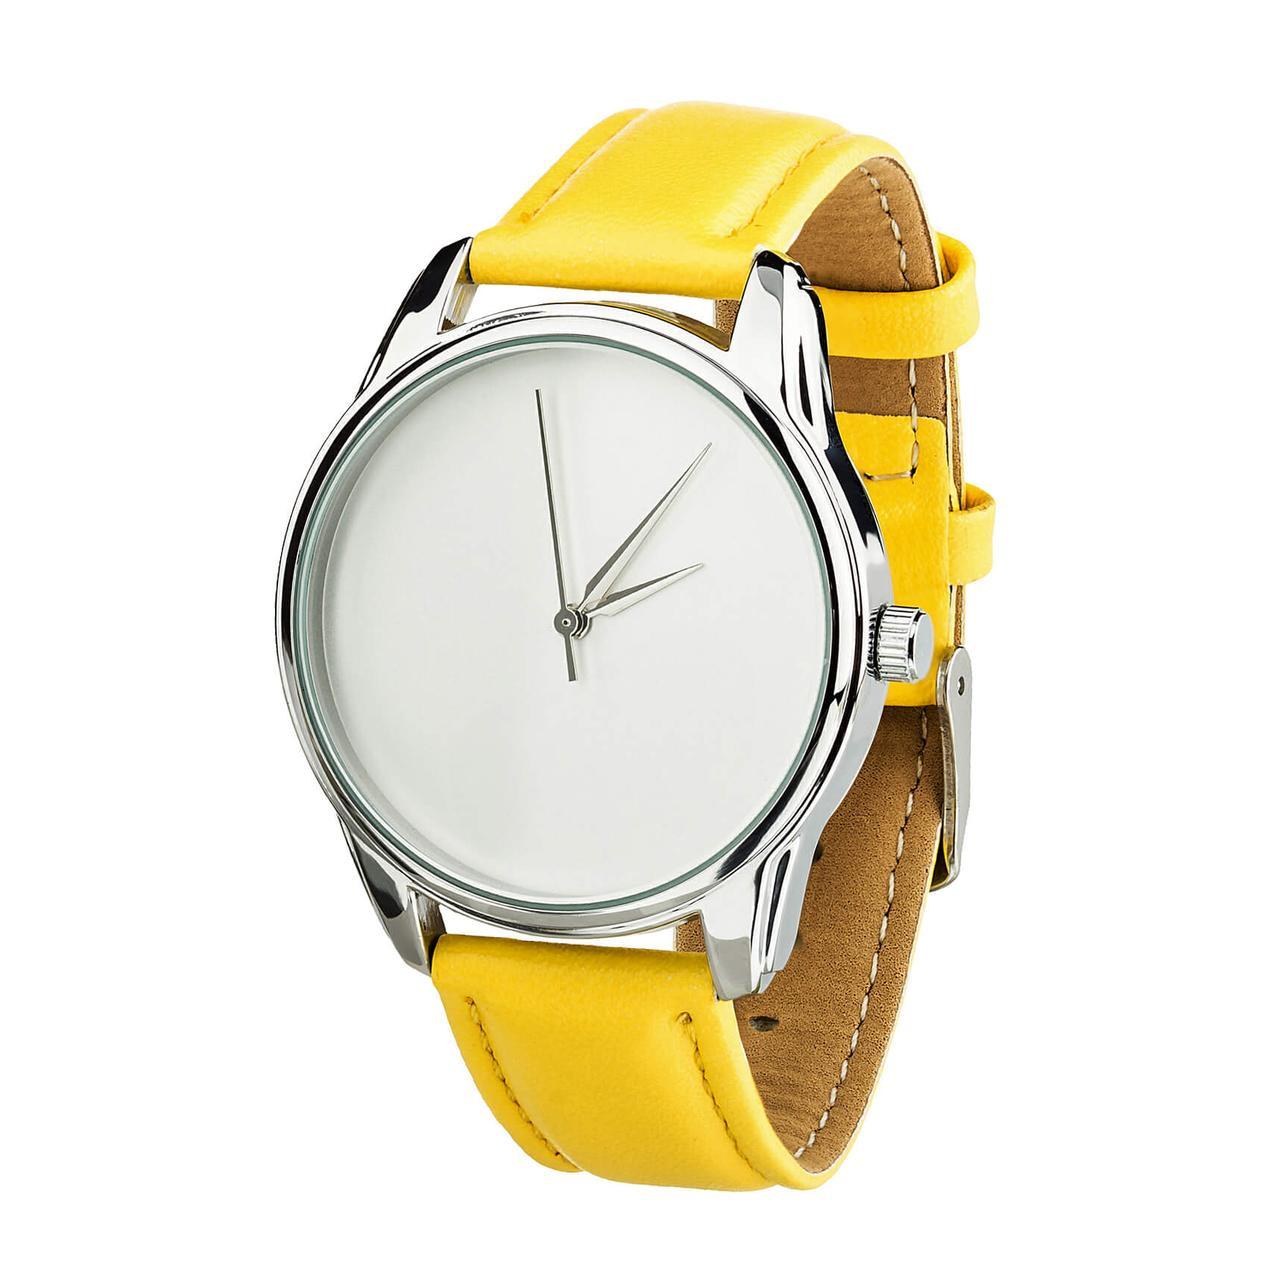 Часы ZIZ Минимализм (ремешок лимонно - желтый, серебро) + дополнительный ремешок